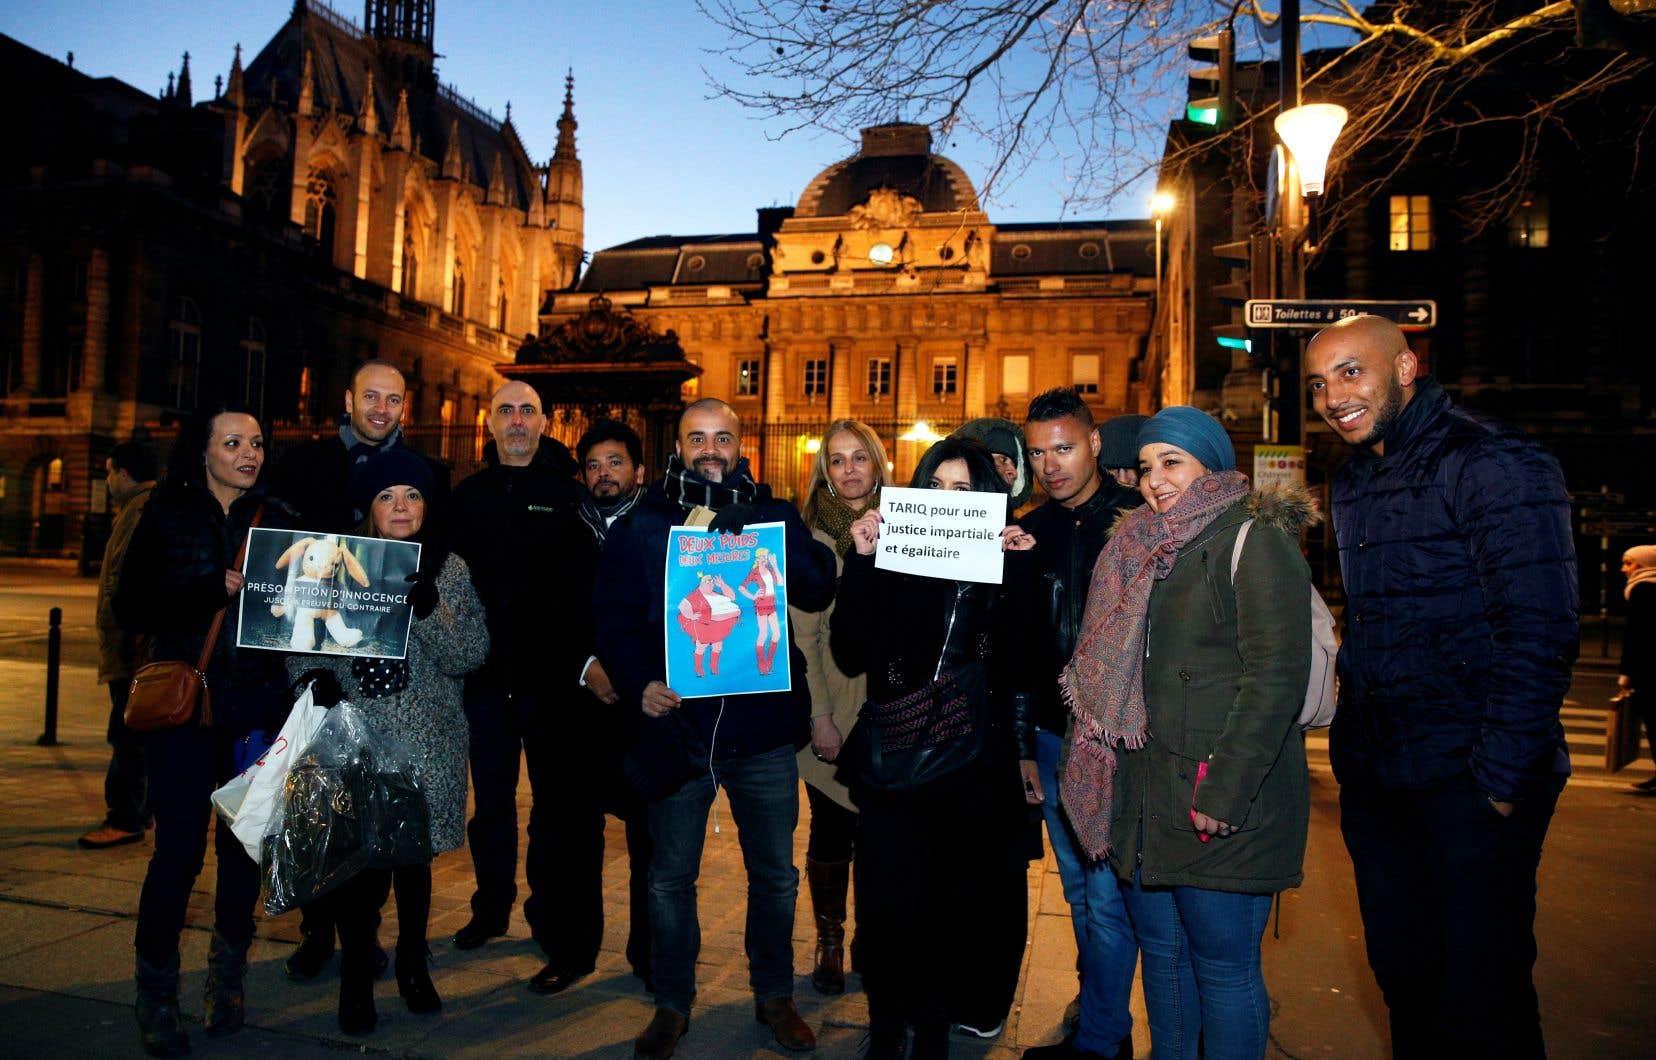 Le maintien en détention en France de l'islamologue suisse controversé Tariq Ramadan est la cible d'une campagne de protestation très active dans les milieux de l'islam militant.